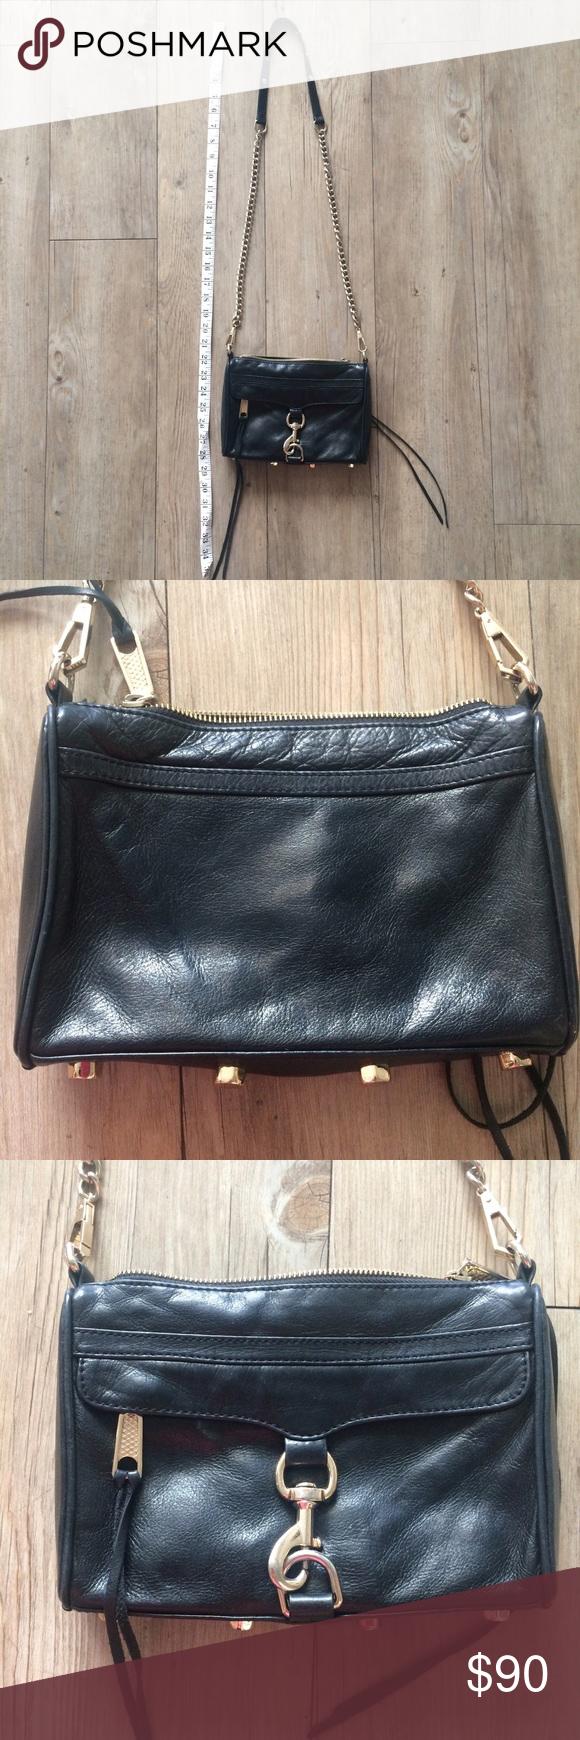 Rebecca Minkoff Mini Mac Crossbody Bag Has some wear but overall still good condition Rebecca Minkoff Bags Crossbody Bags